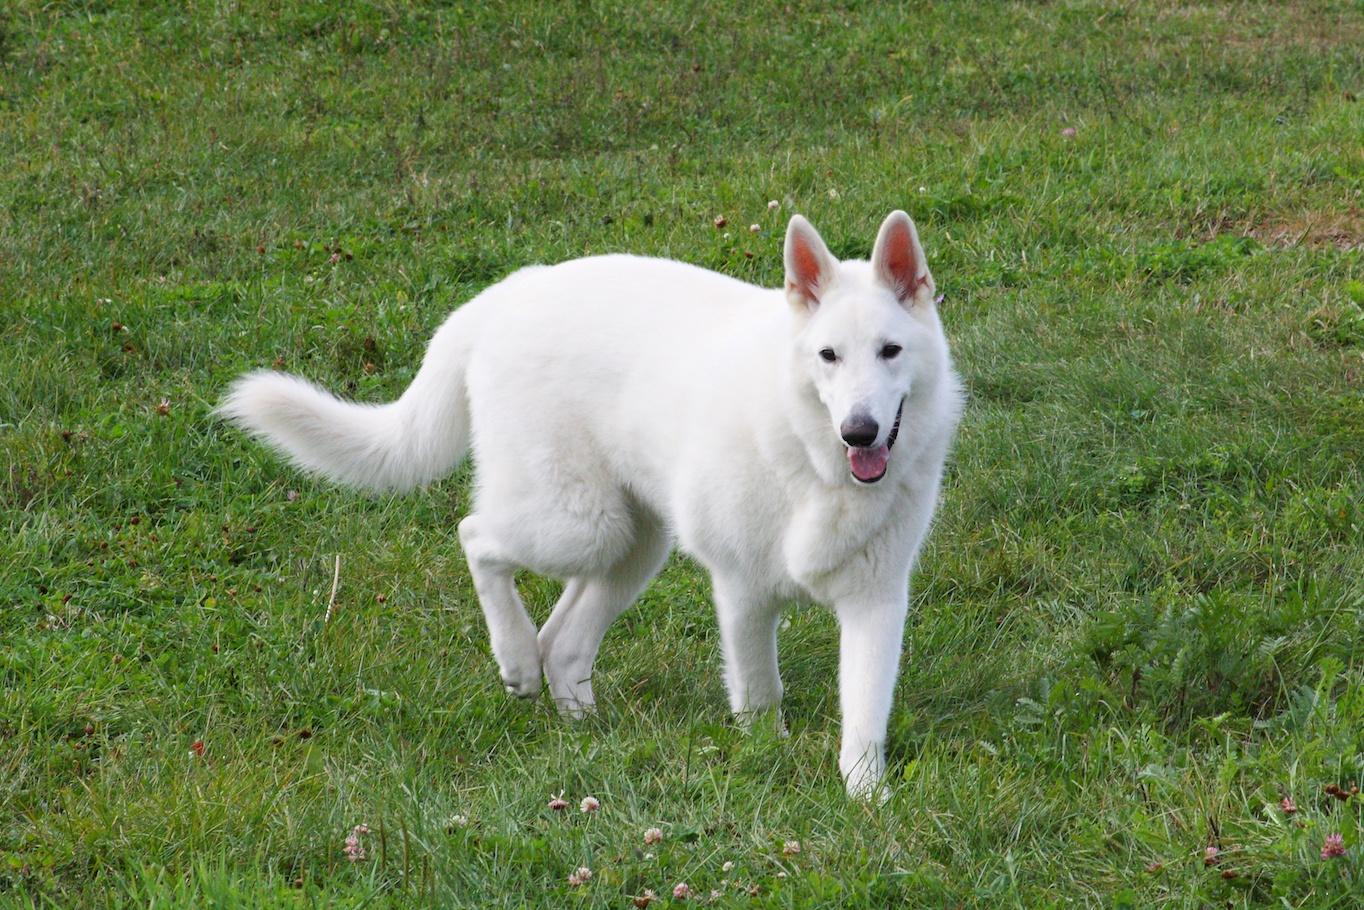 White German Shepherd walking